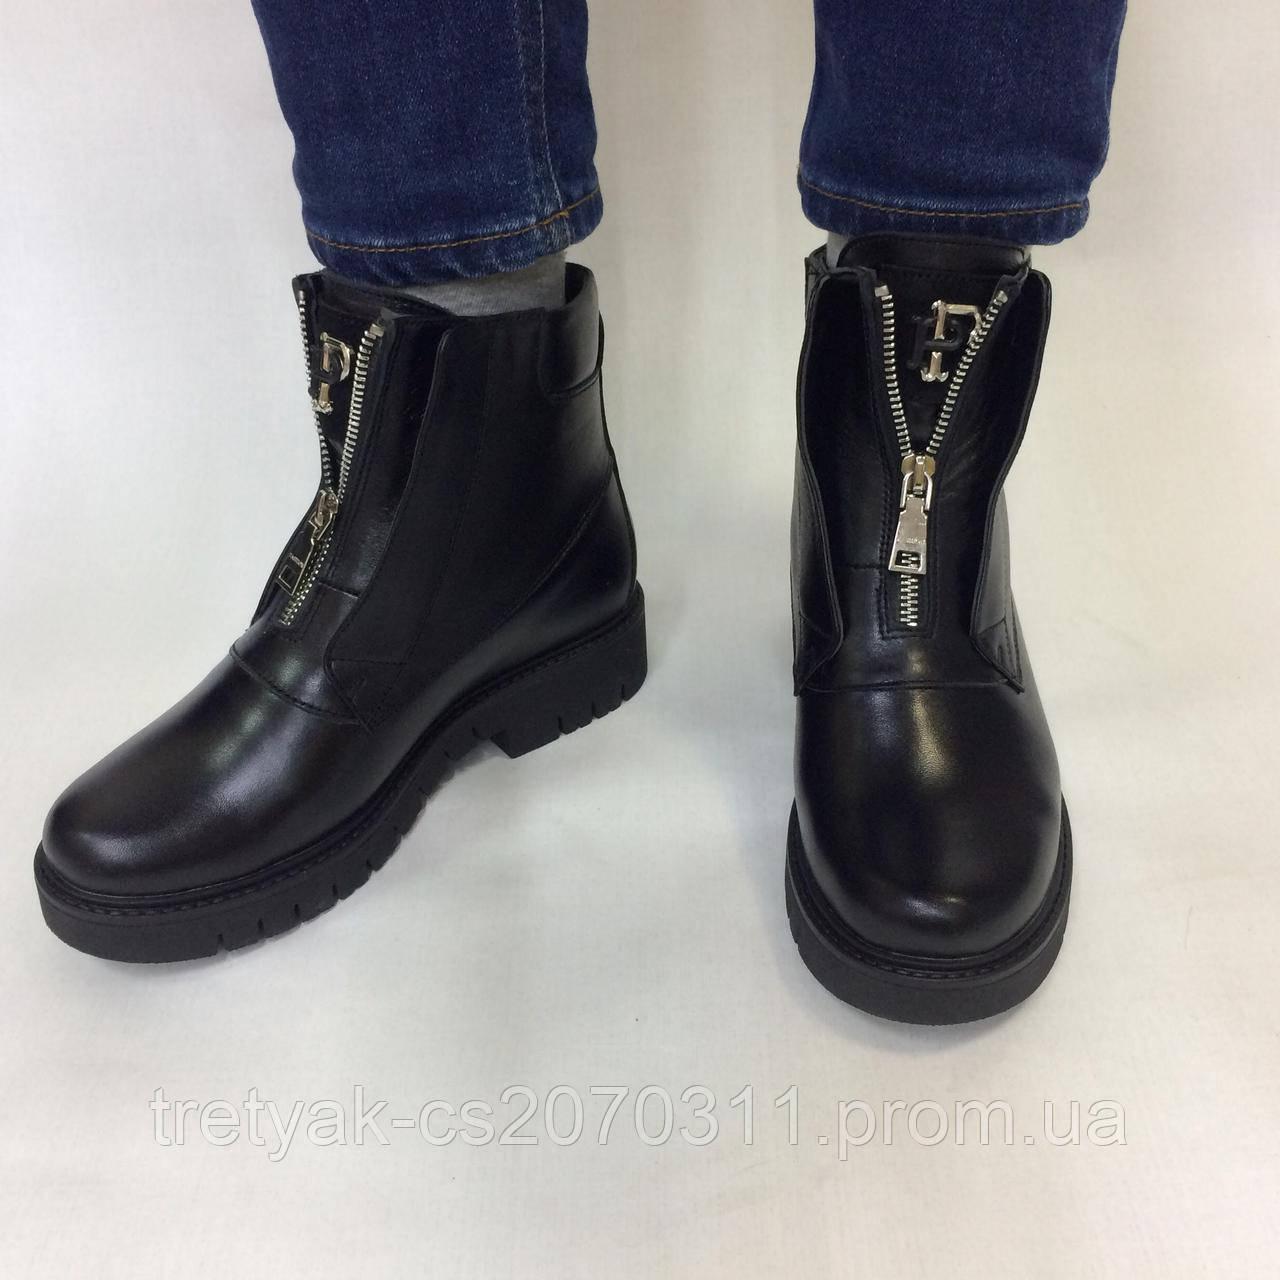 b9a3ea1bc Женские зимние ботинки с молнией впереди из натуральной кожи в стиле РР -  КРОК в Харькове